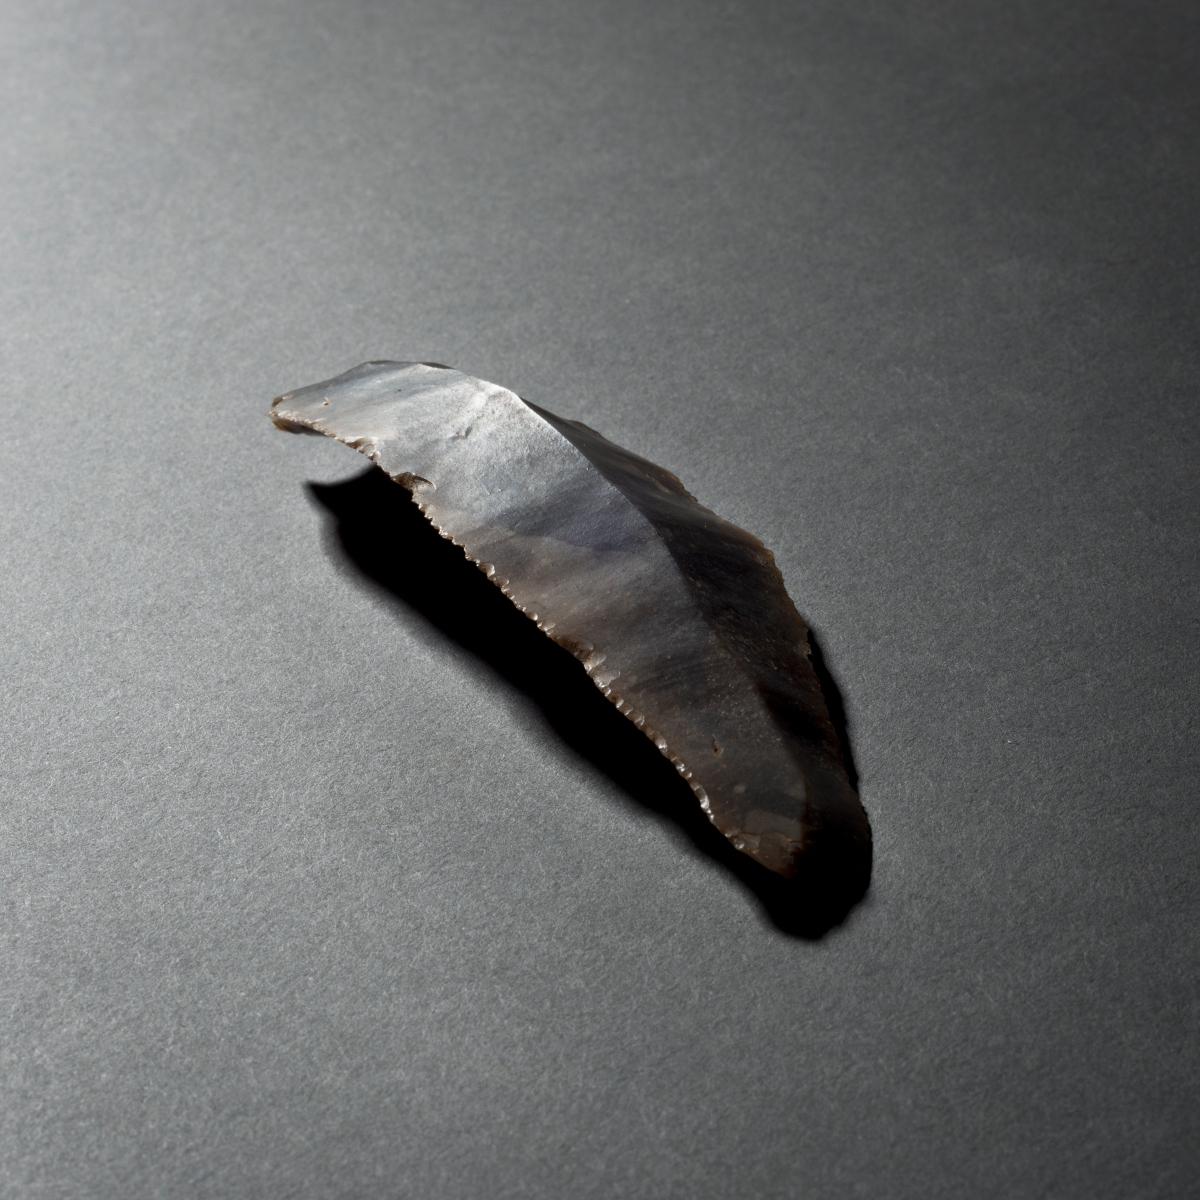 Het resultaat van het zeefproject mag gezien worden. Eén van de pronkstukken is een zogenaamde microdenticulé.